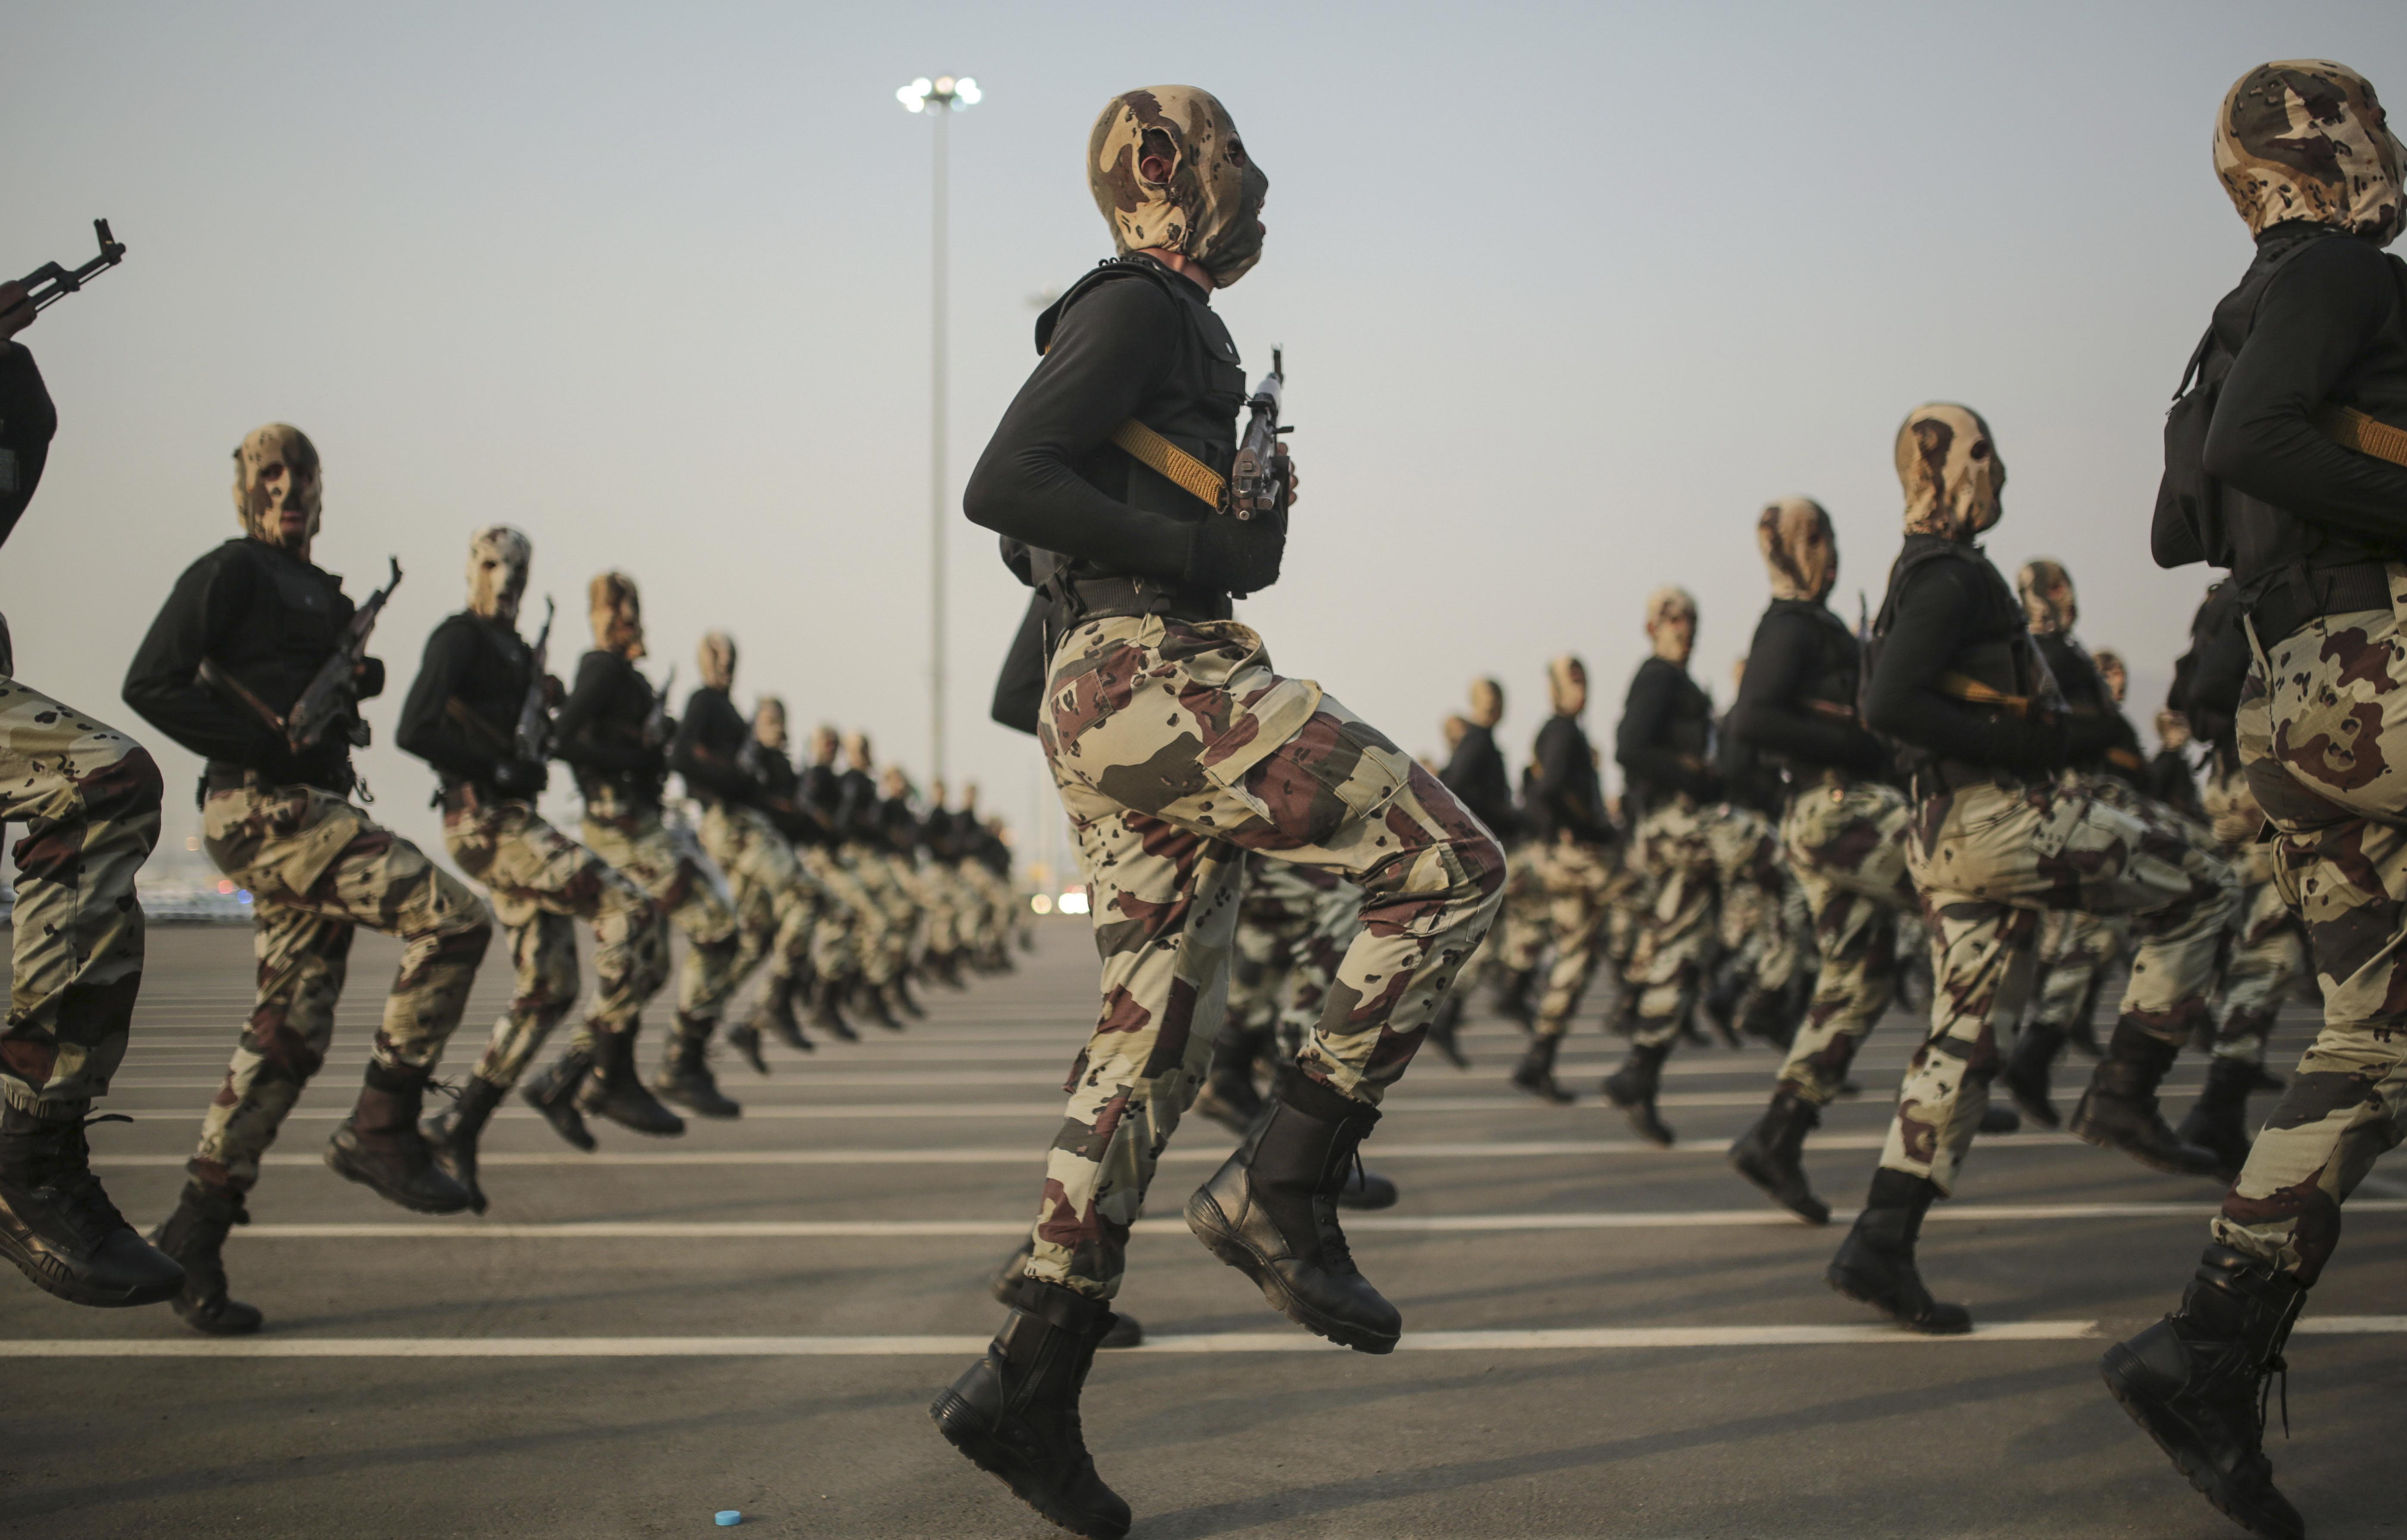 Saudi Arabia captures key ISIS figure in Yemen: Report